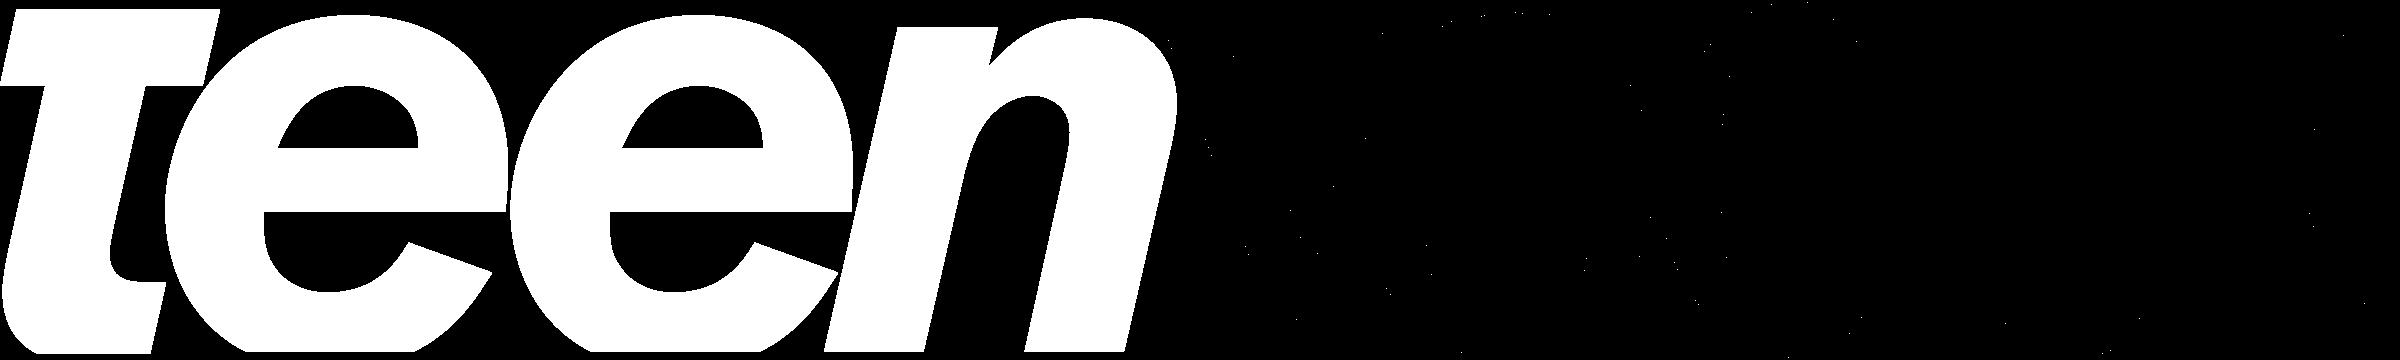 teen vogue font - forum   dafont.com